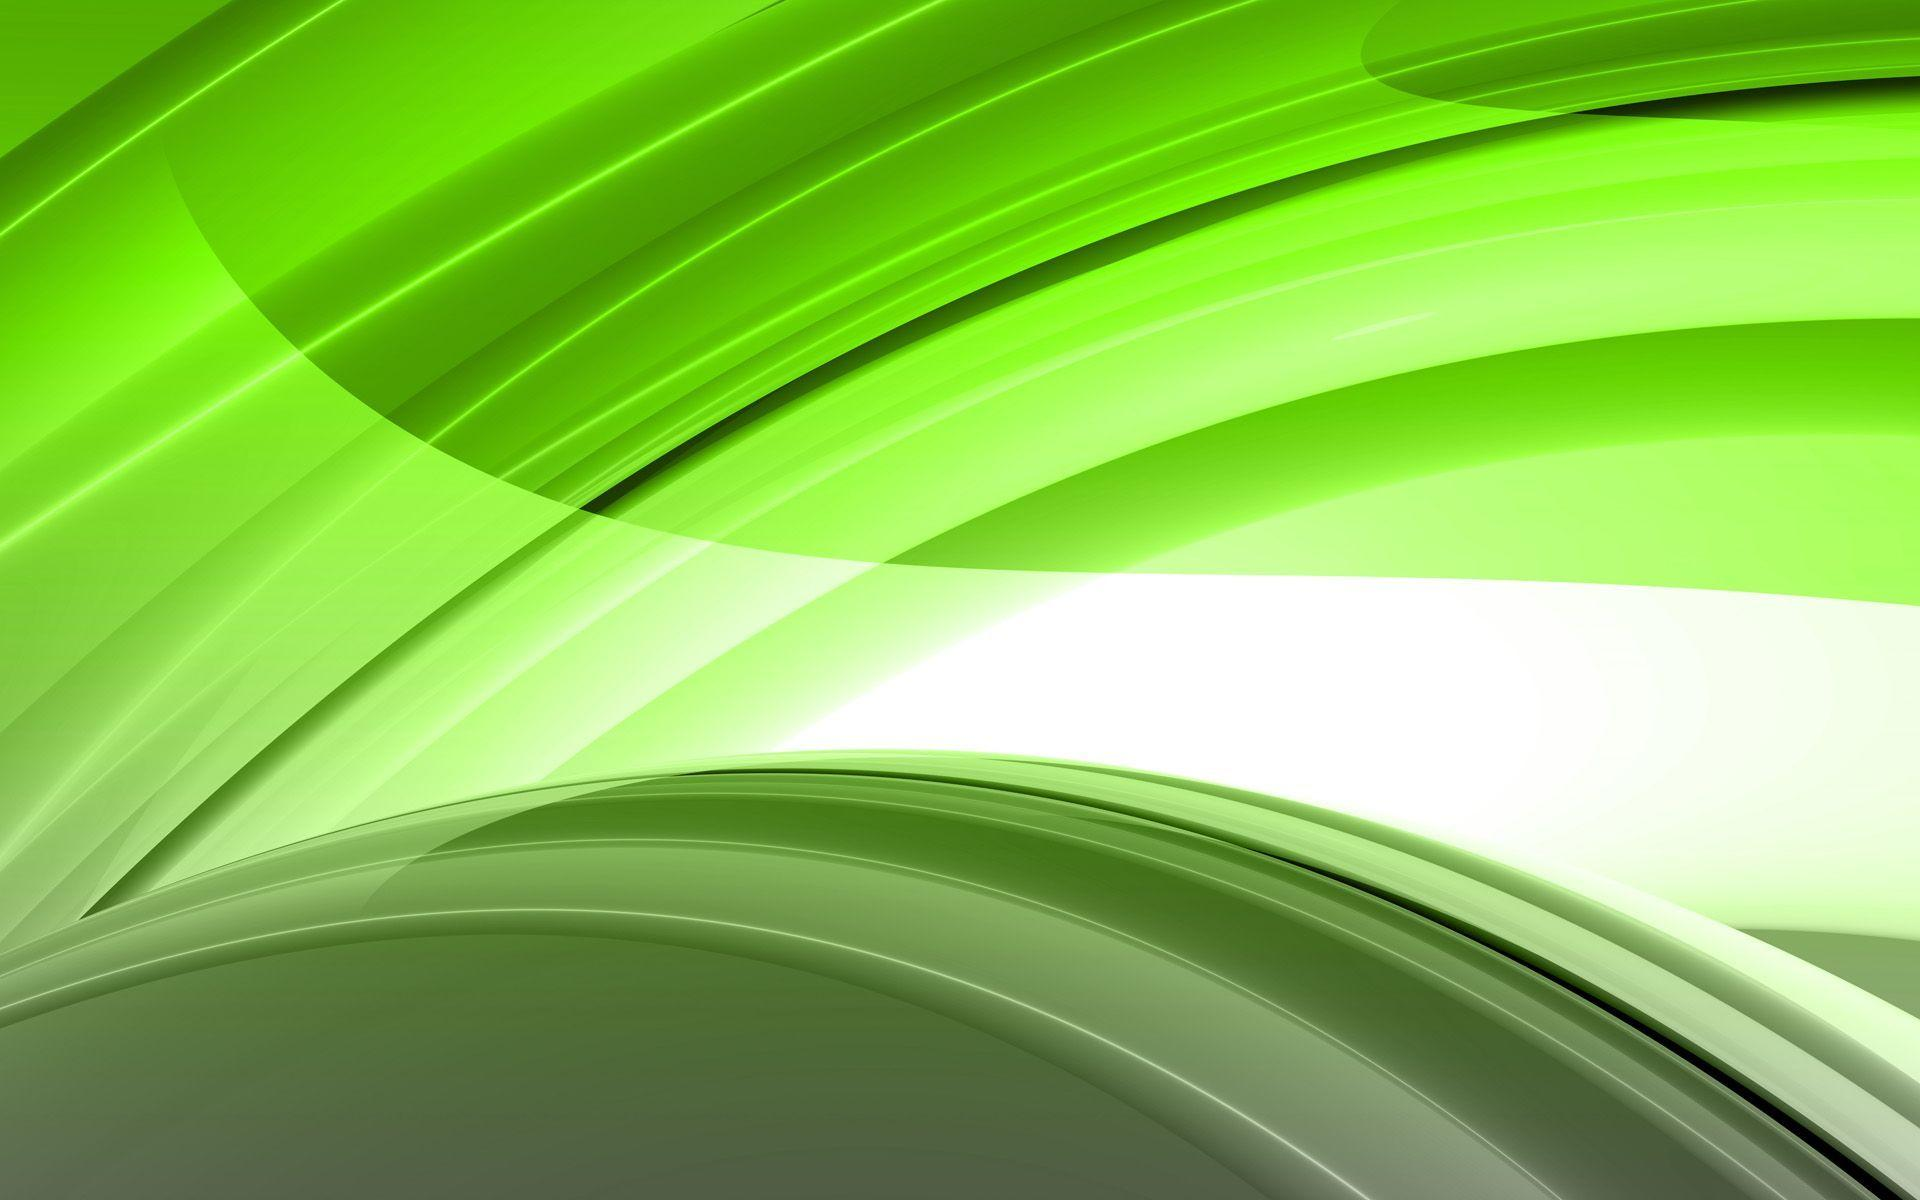 Light Green Wallpapers - Wallpaper Cave